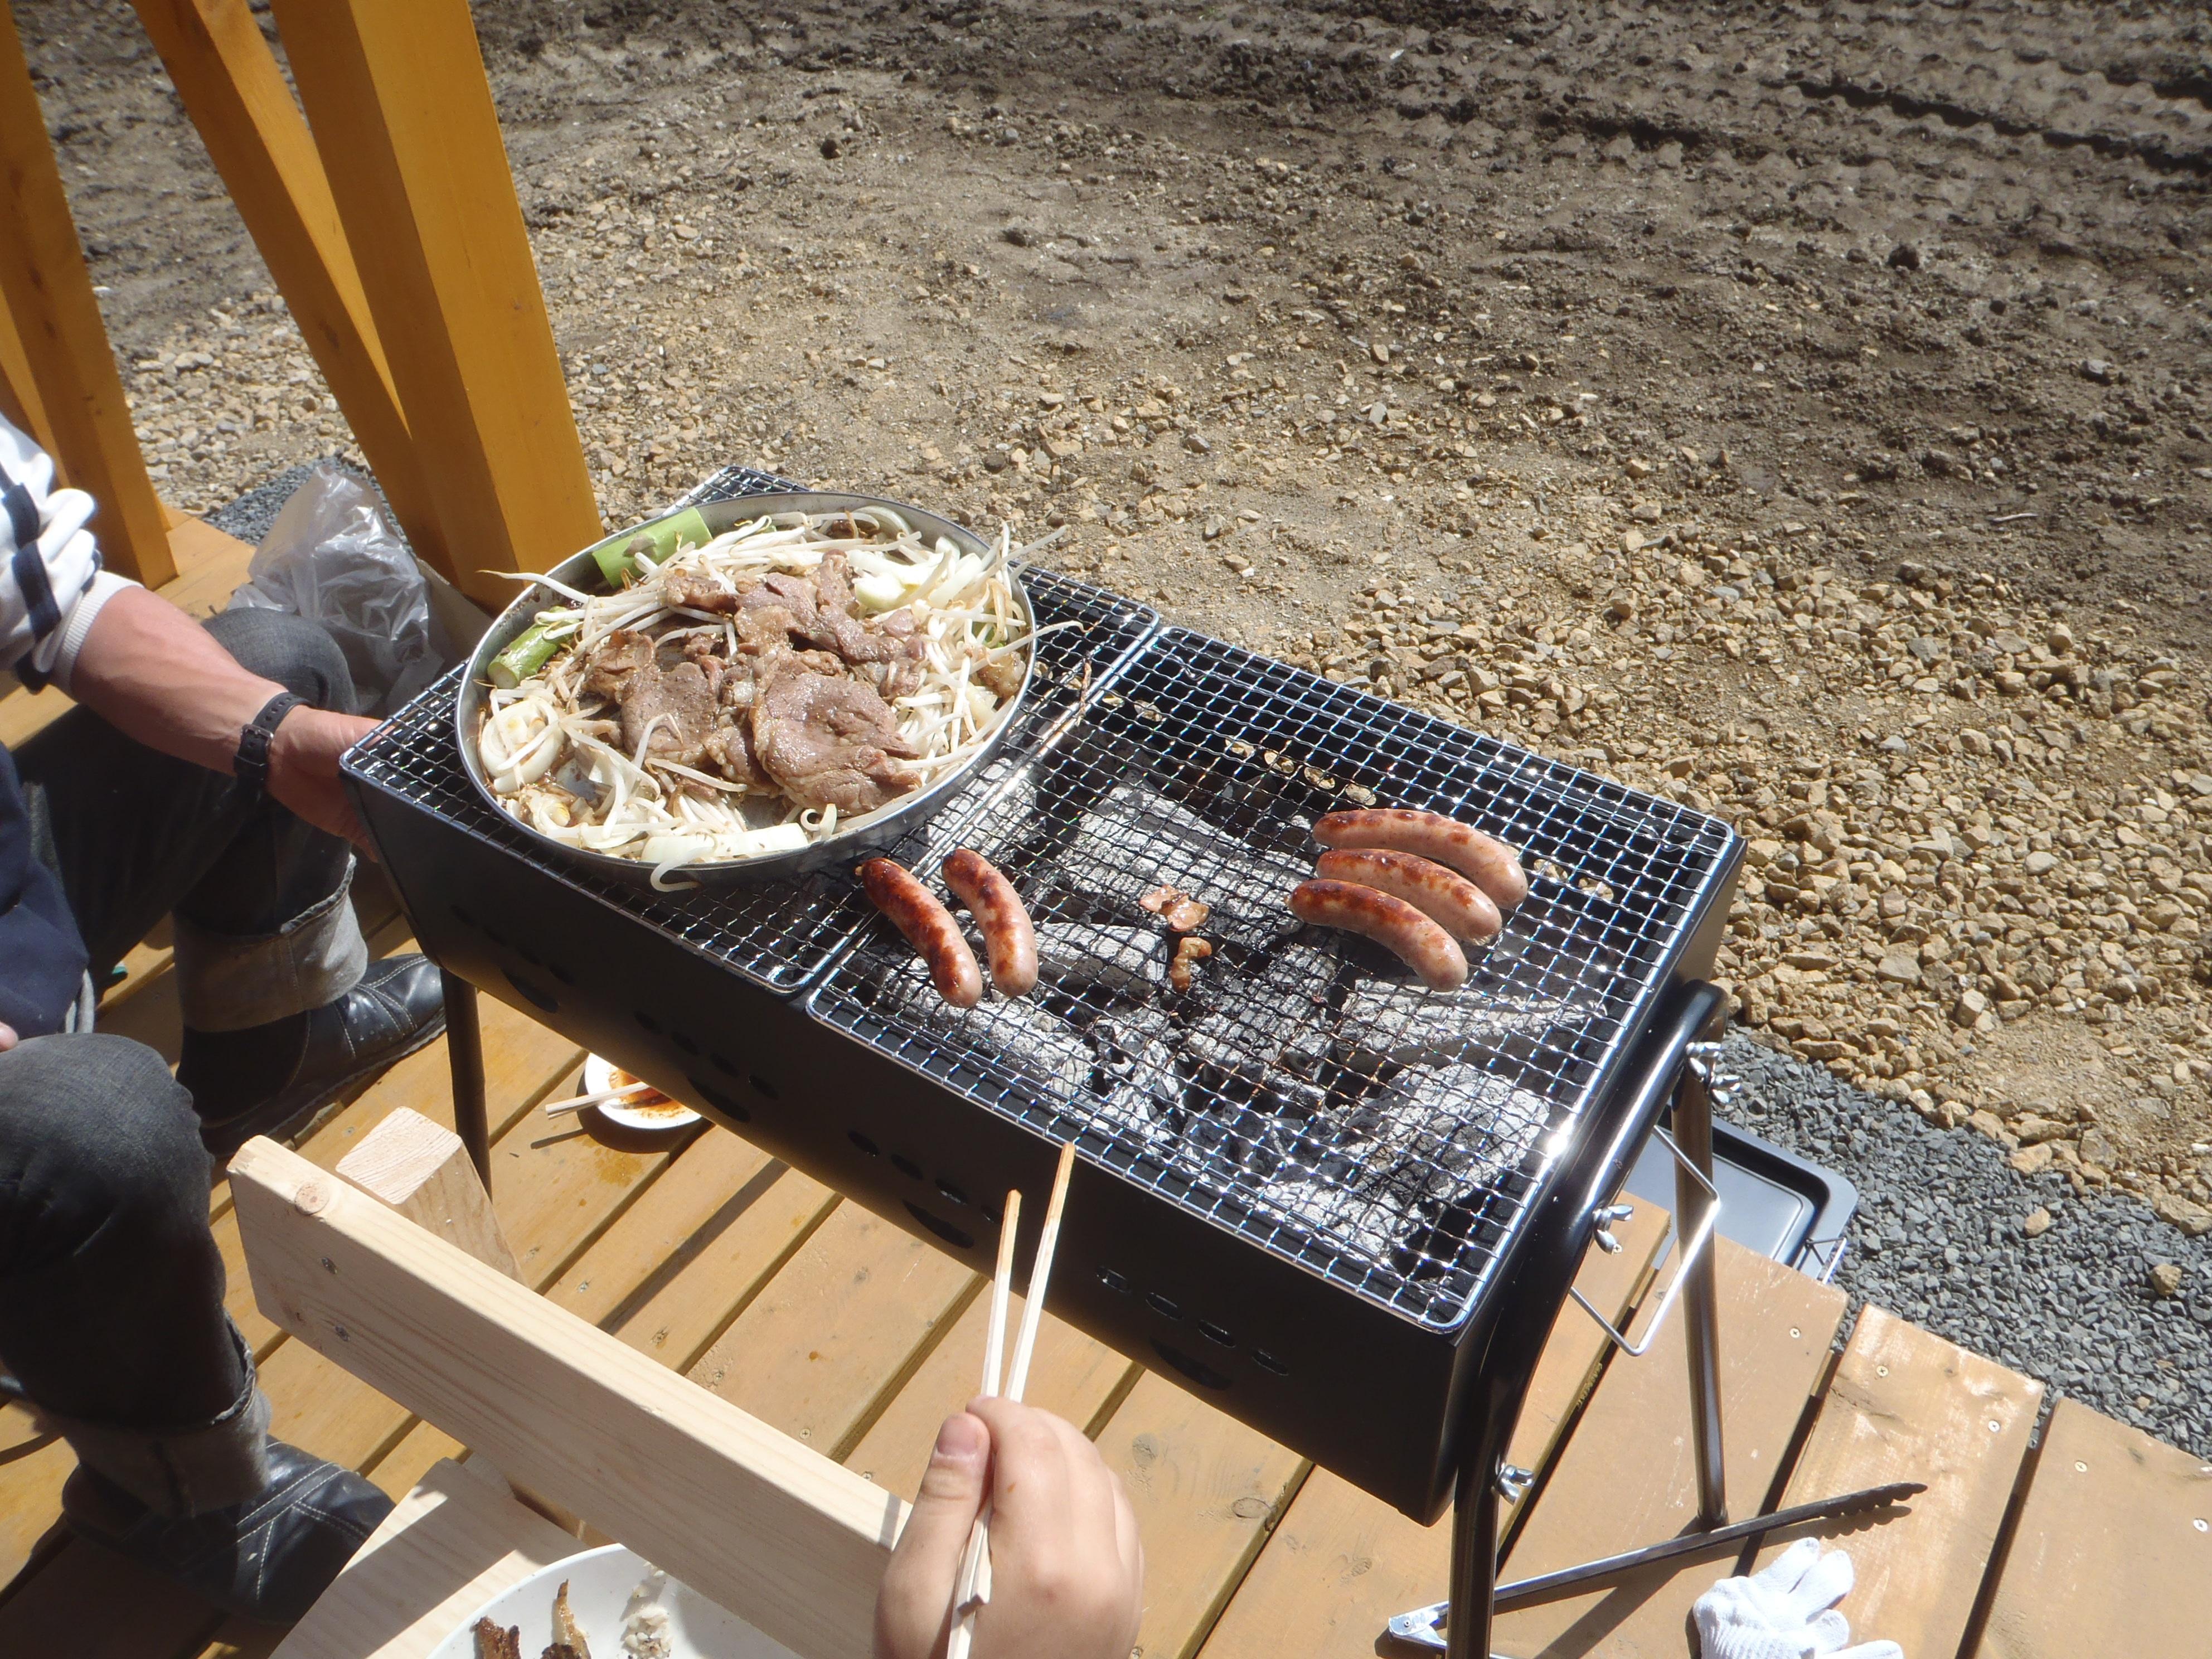 Fotos gratis : verano, plato, comida, cocina, comer, carne, parilla ...